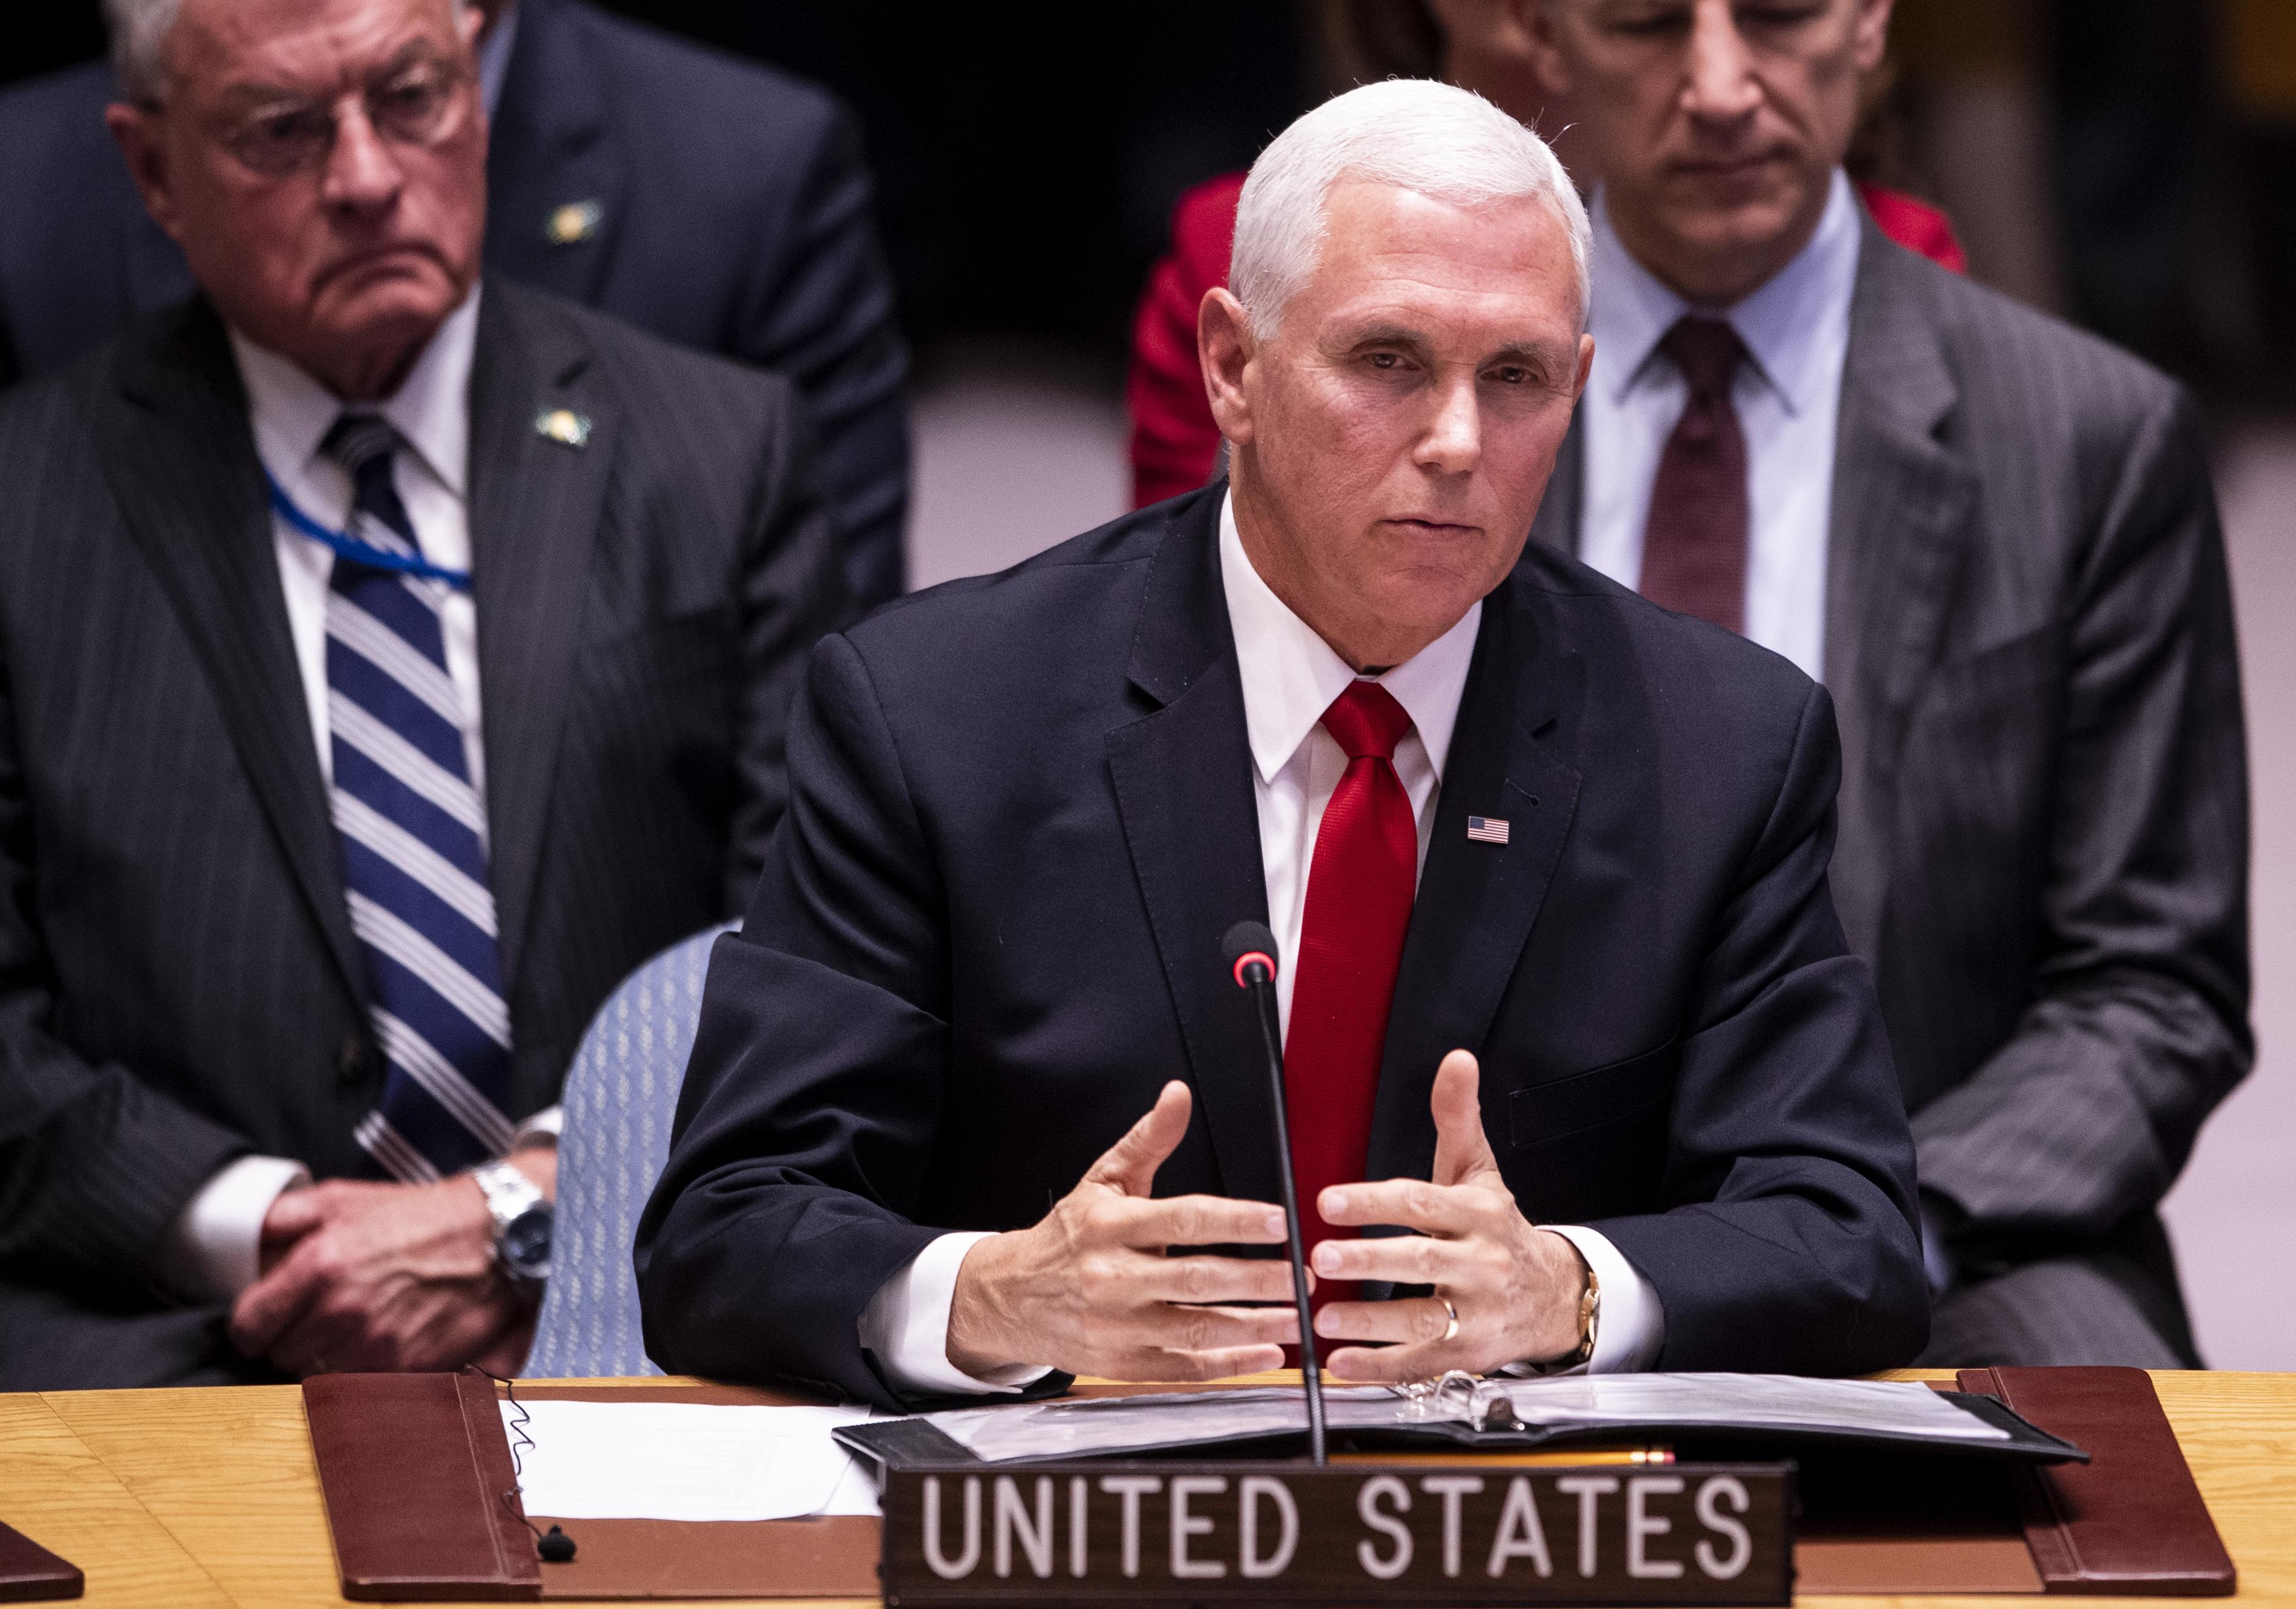 美洲國家組織承認瓜伊多 彭斯籲聯合國跟進